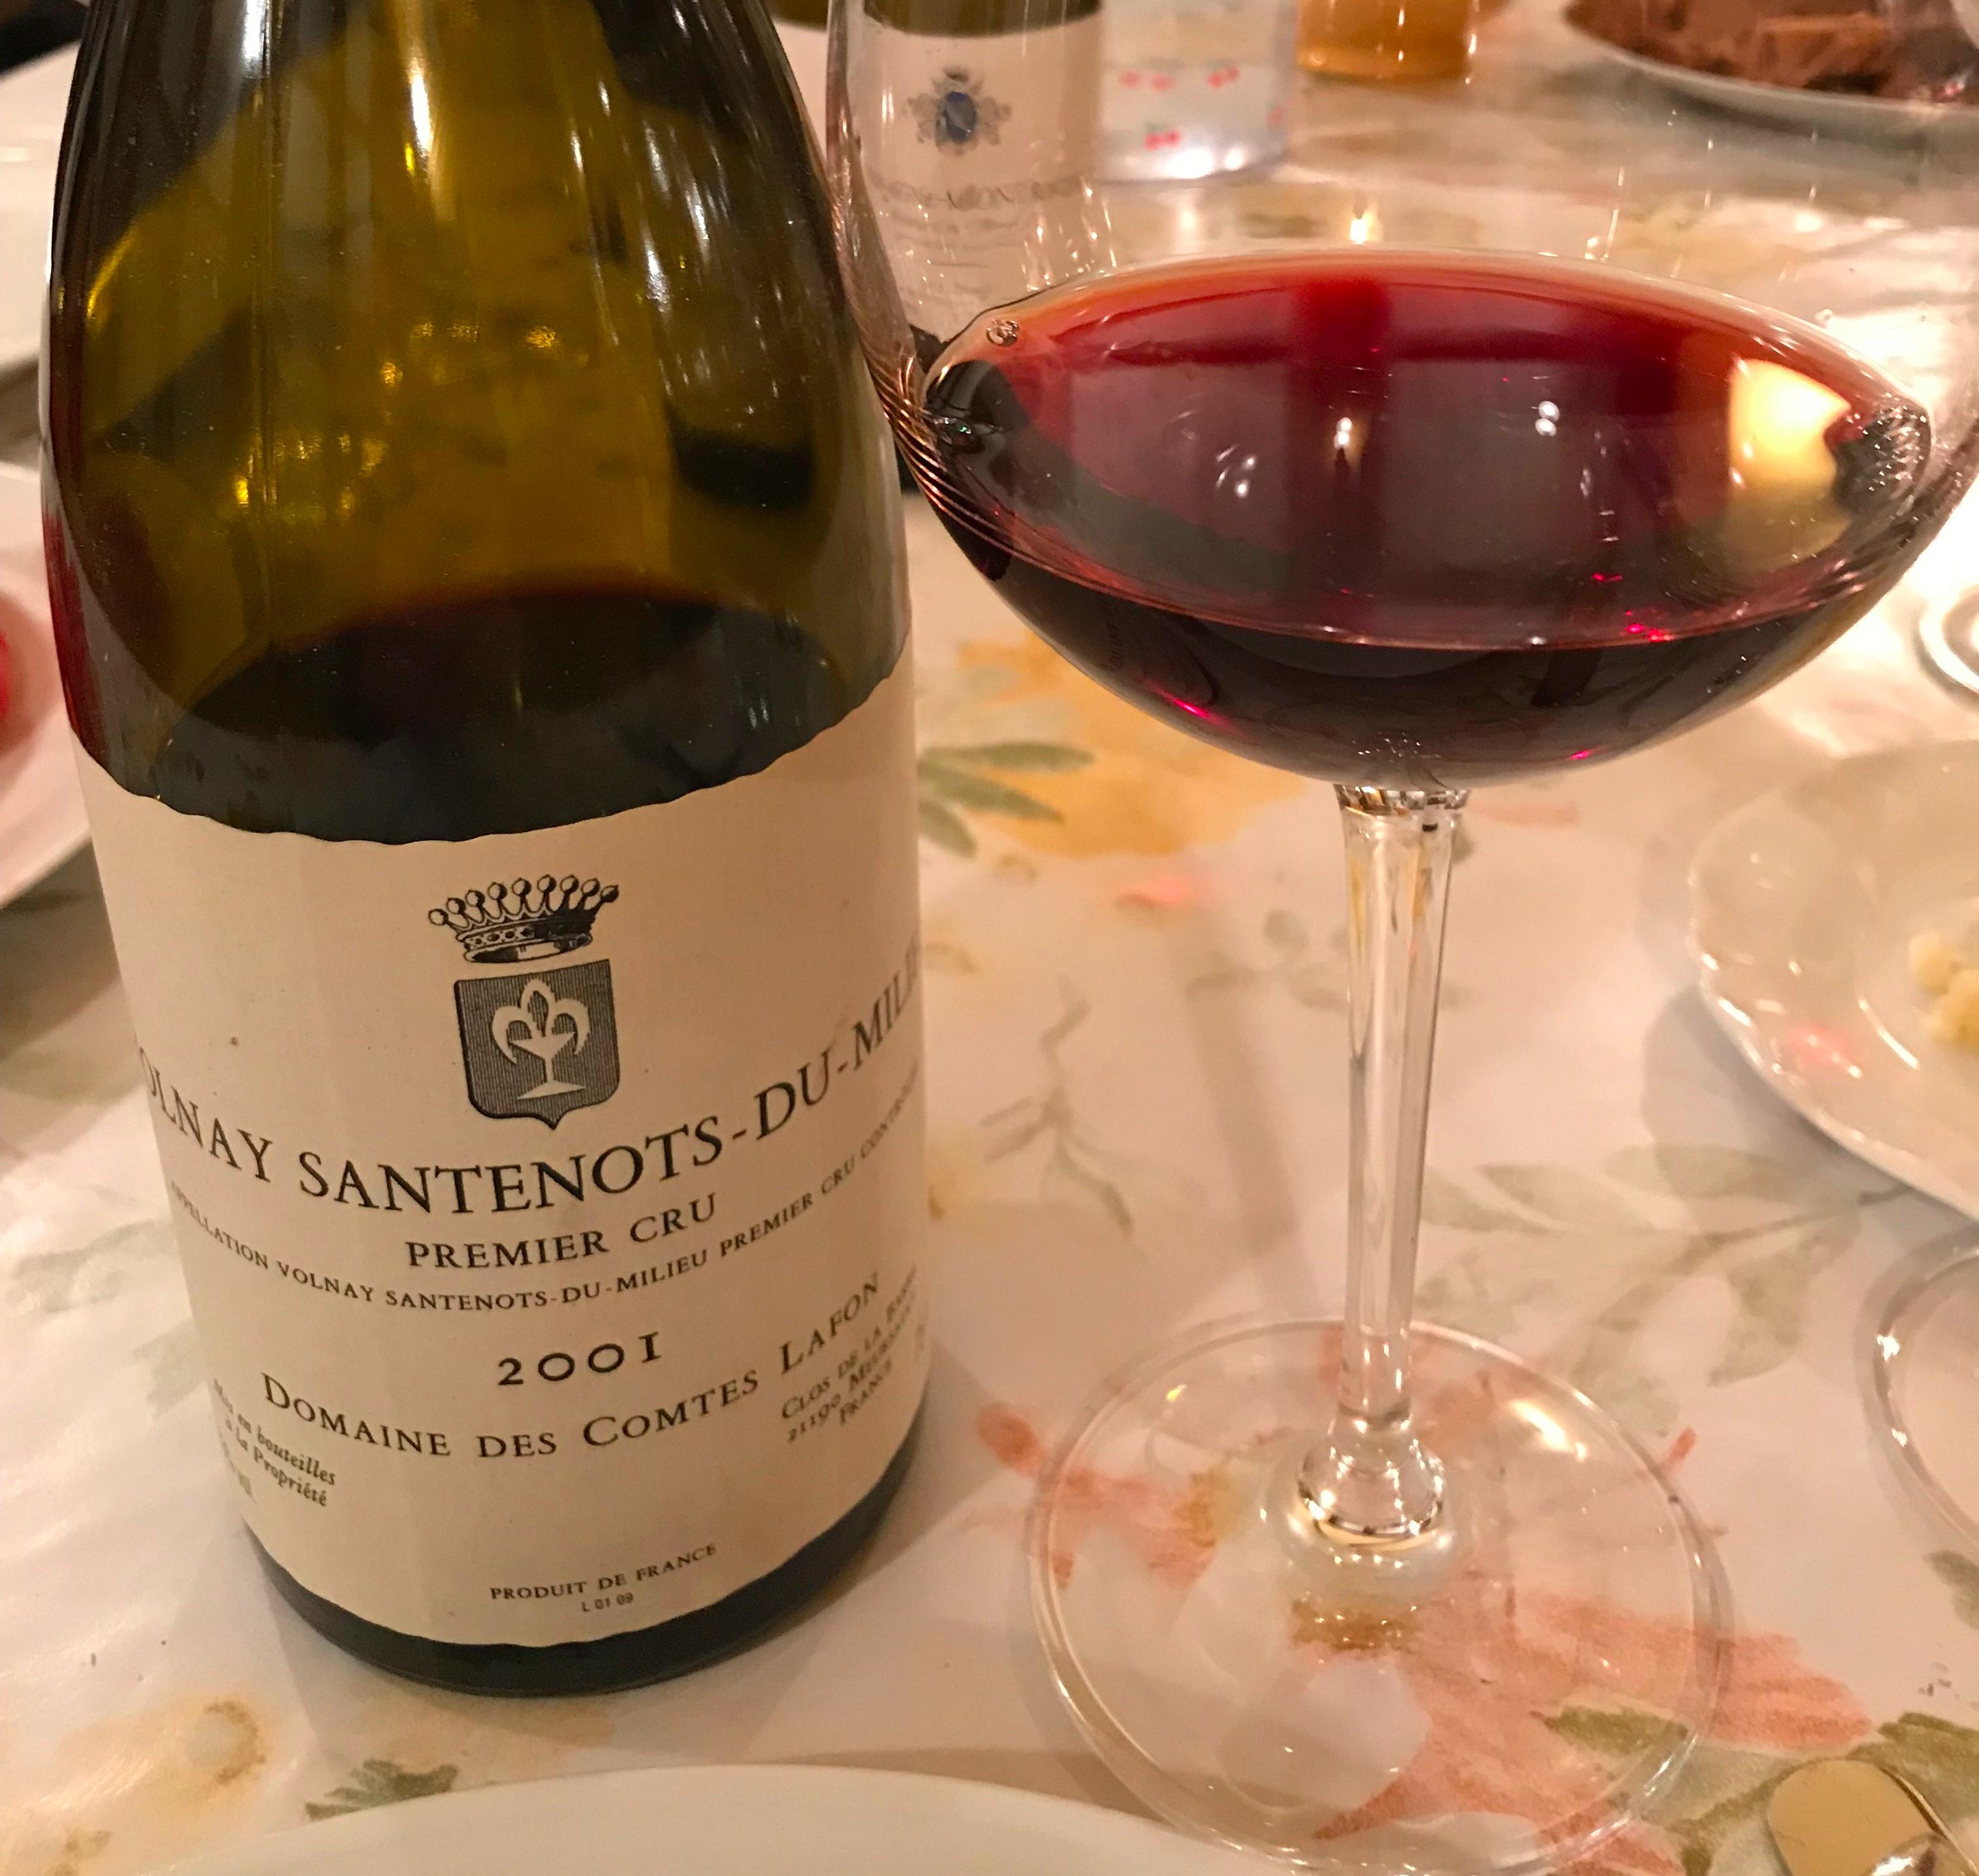 Volnay Santenots-du-Milieu 1er Cru 2001 - Domaine des Comtes Lafon